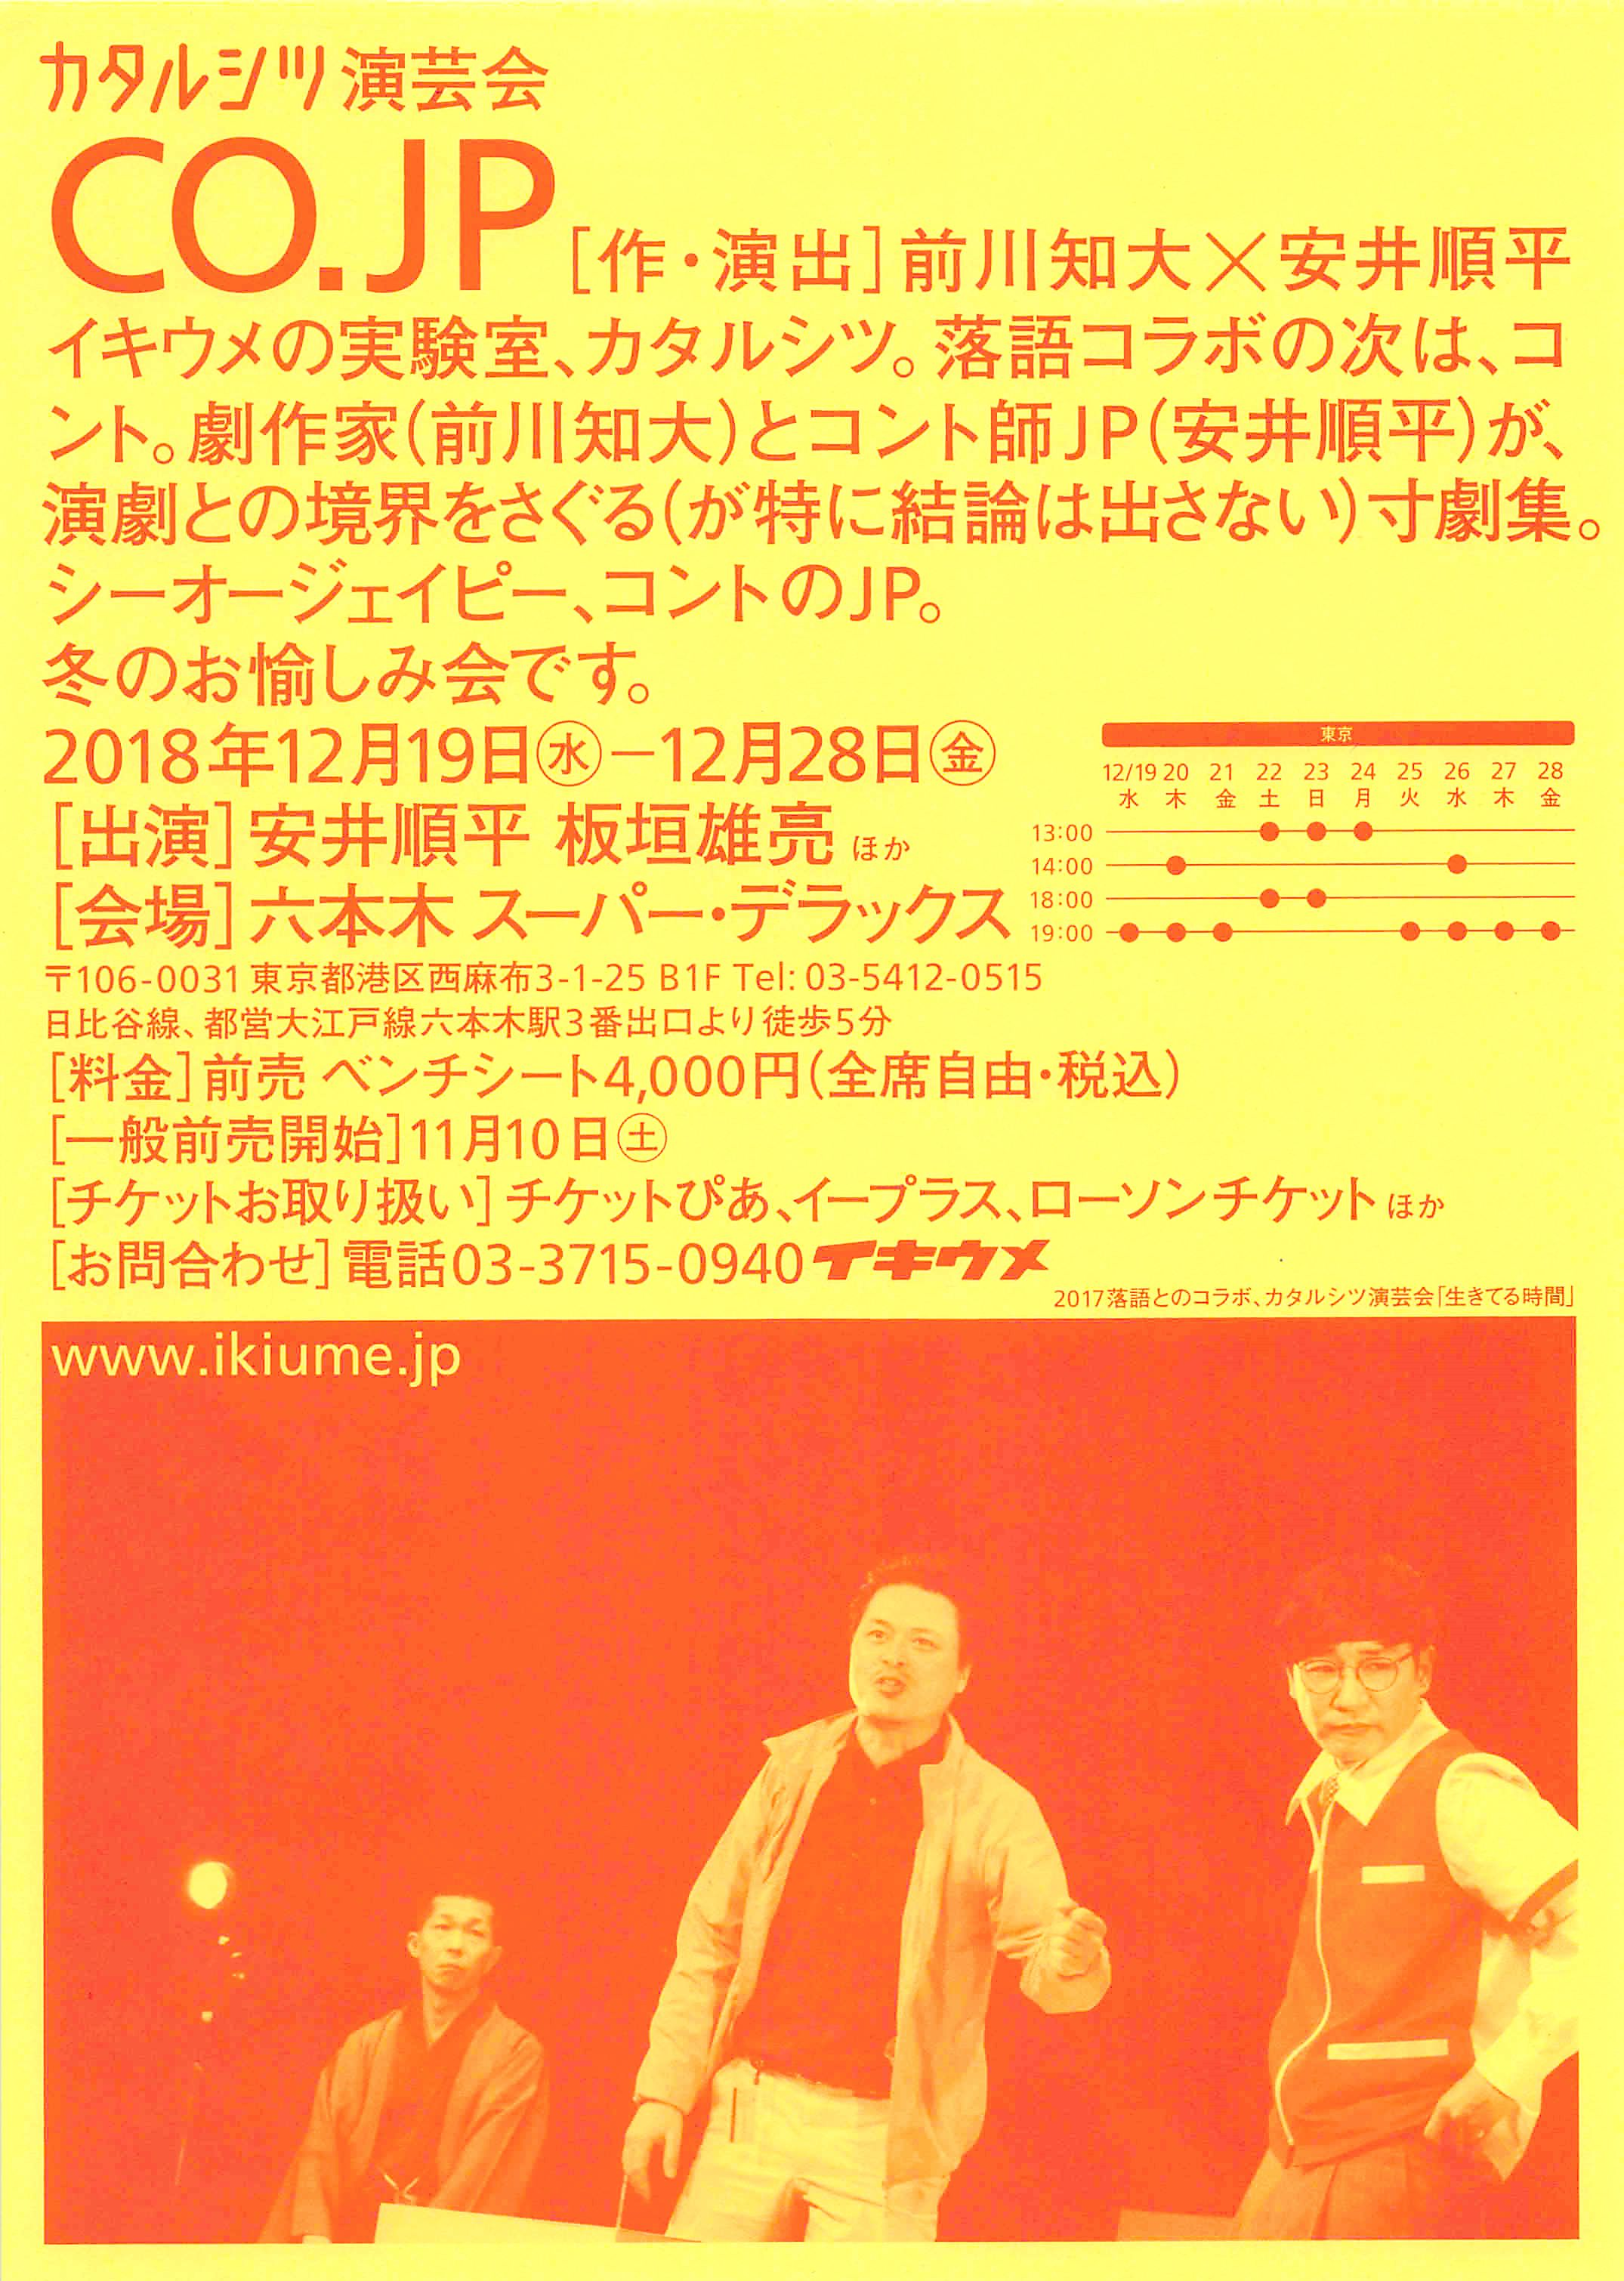 カタルシツ演芸会 CO.JP